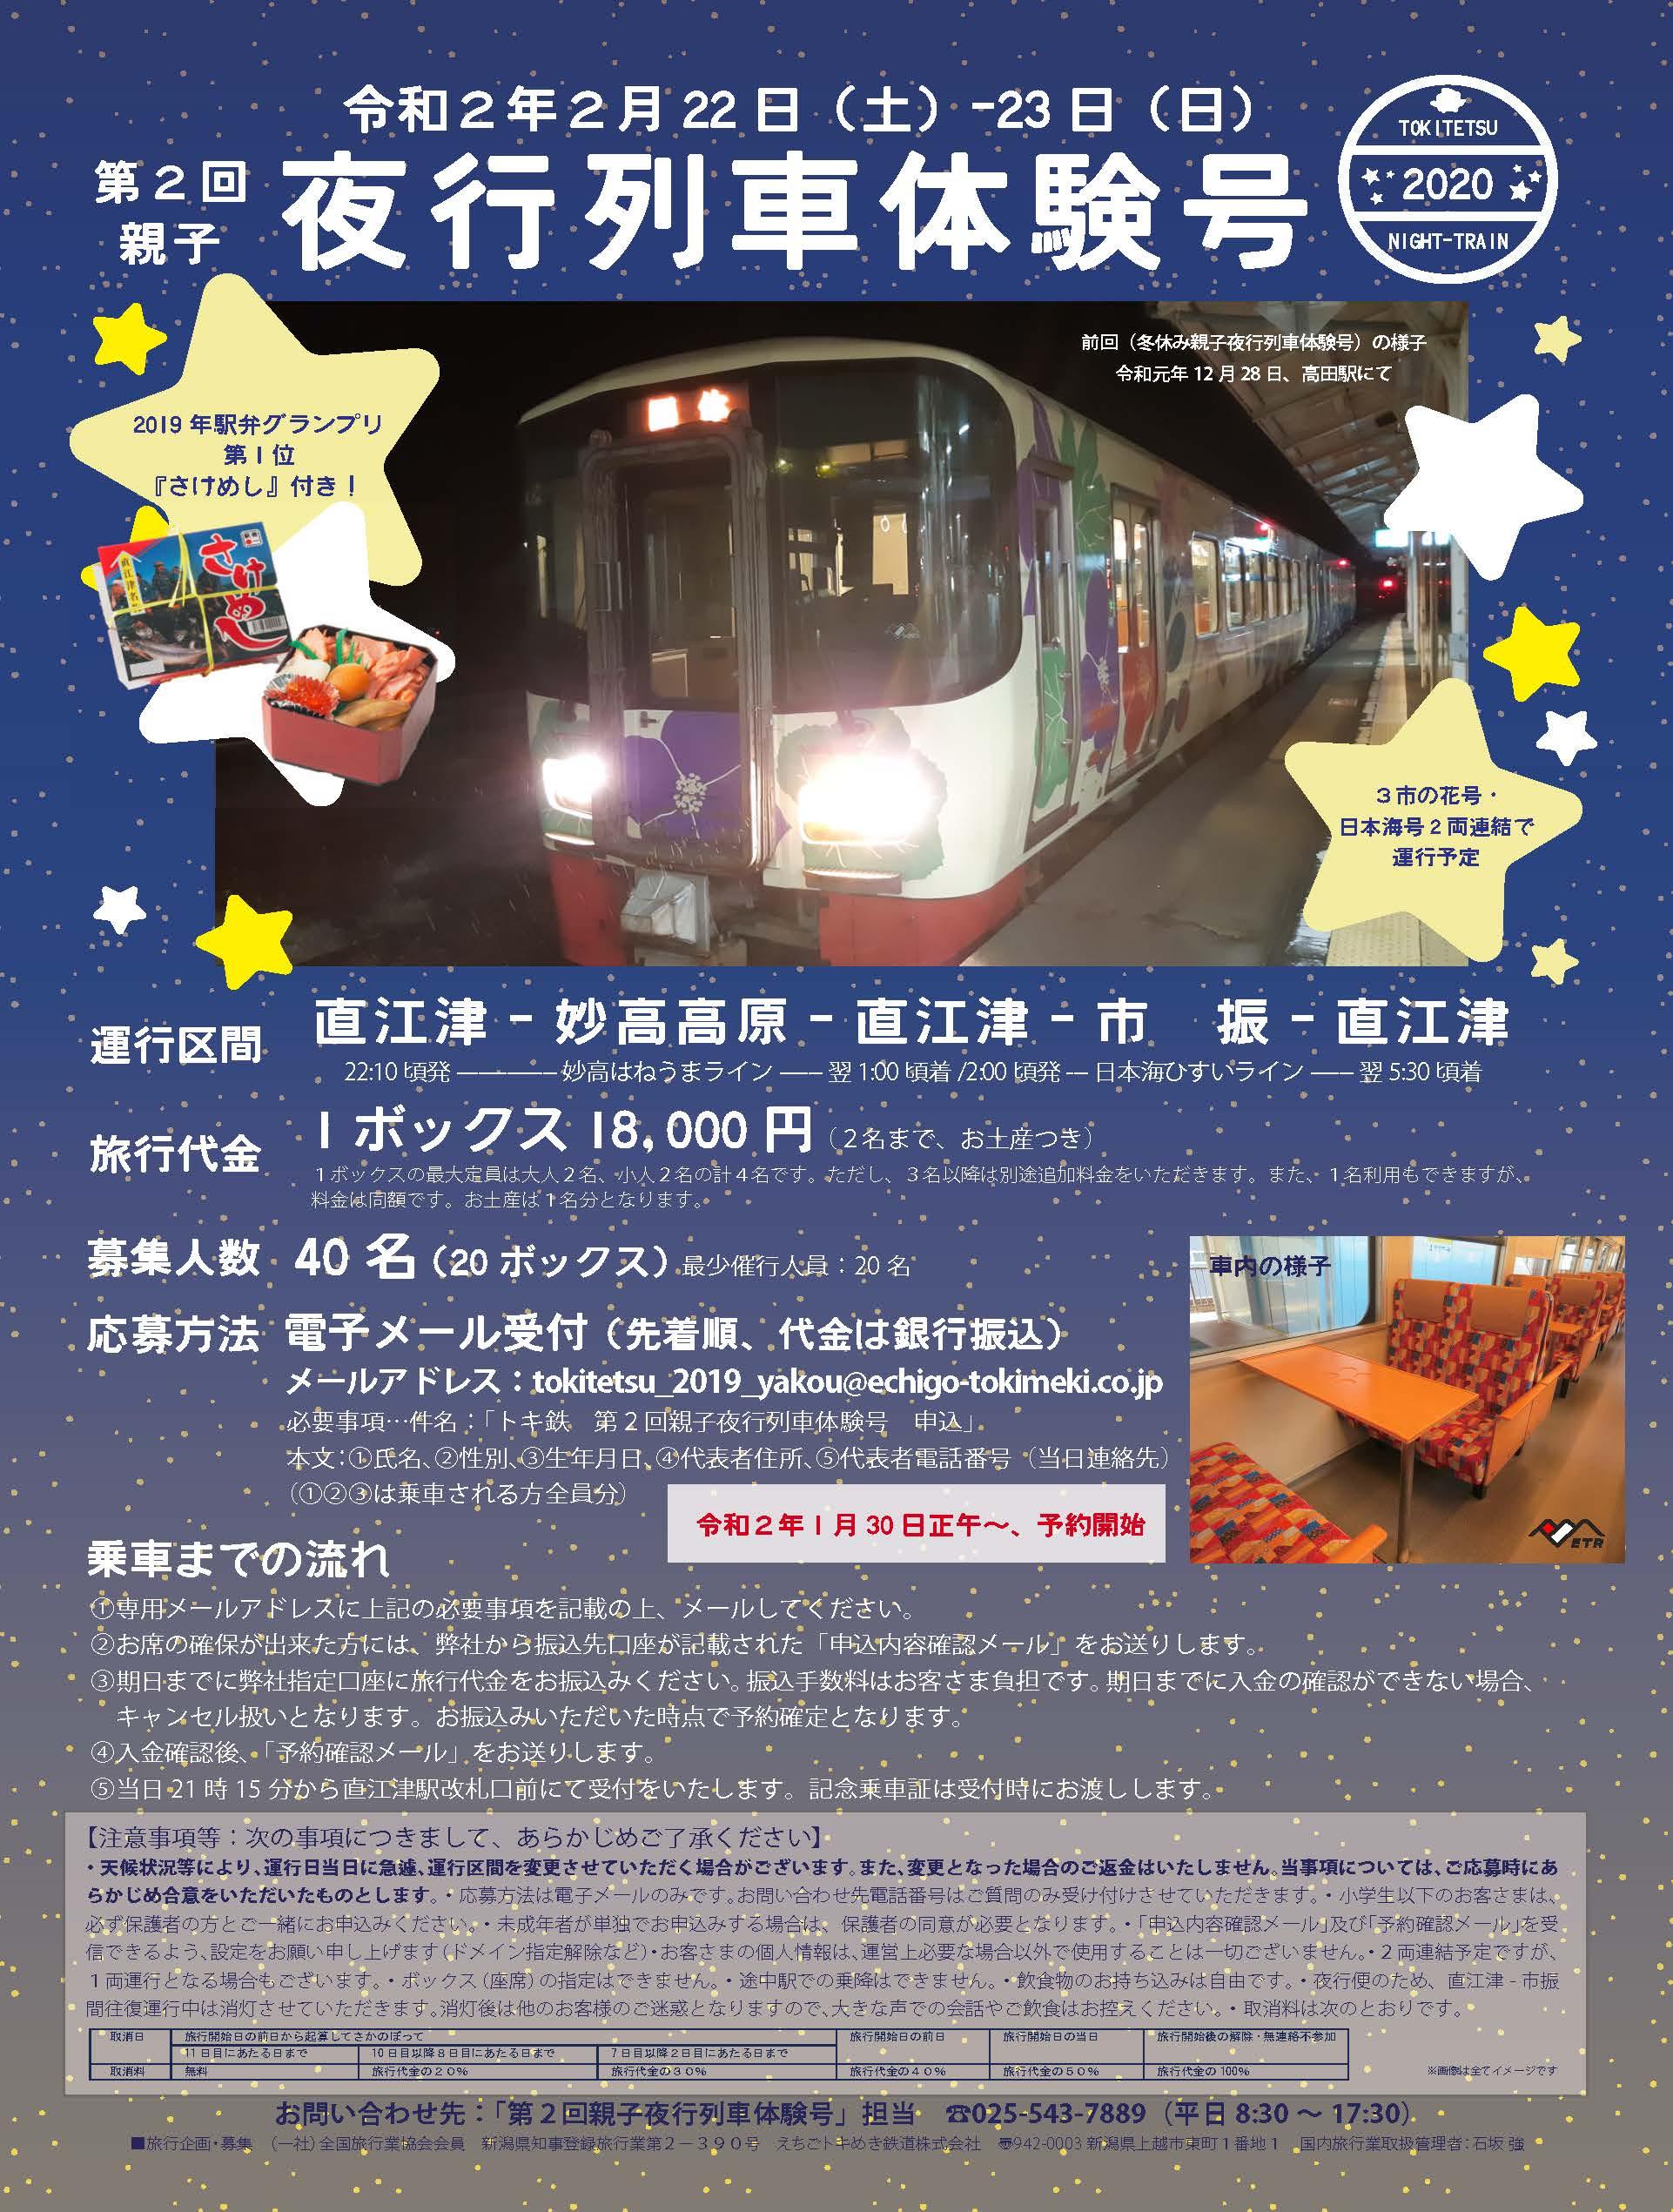 第2回 夜行列車体験号 運転のお知らせ